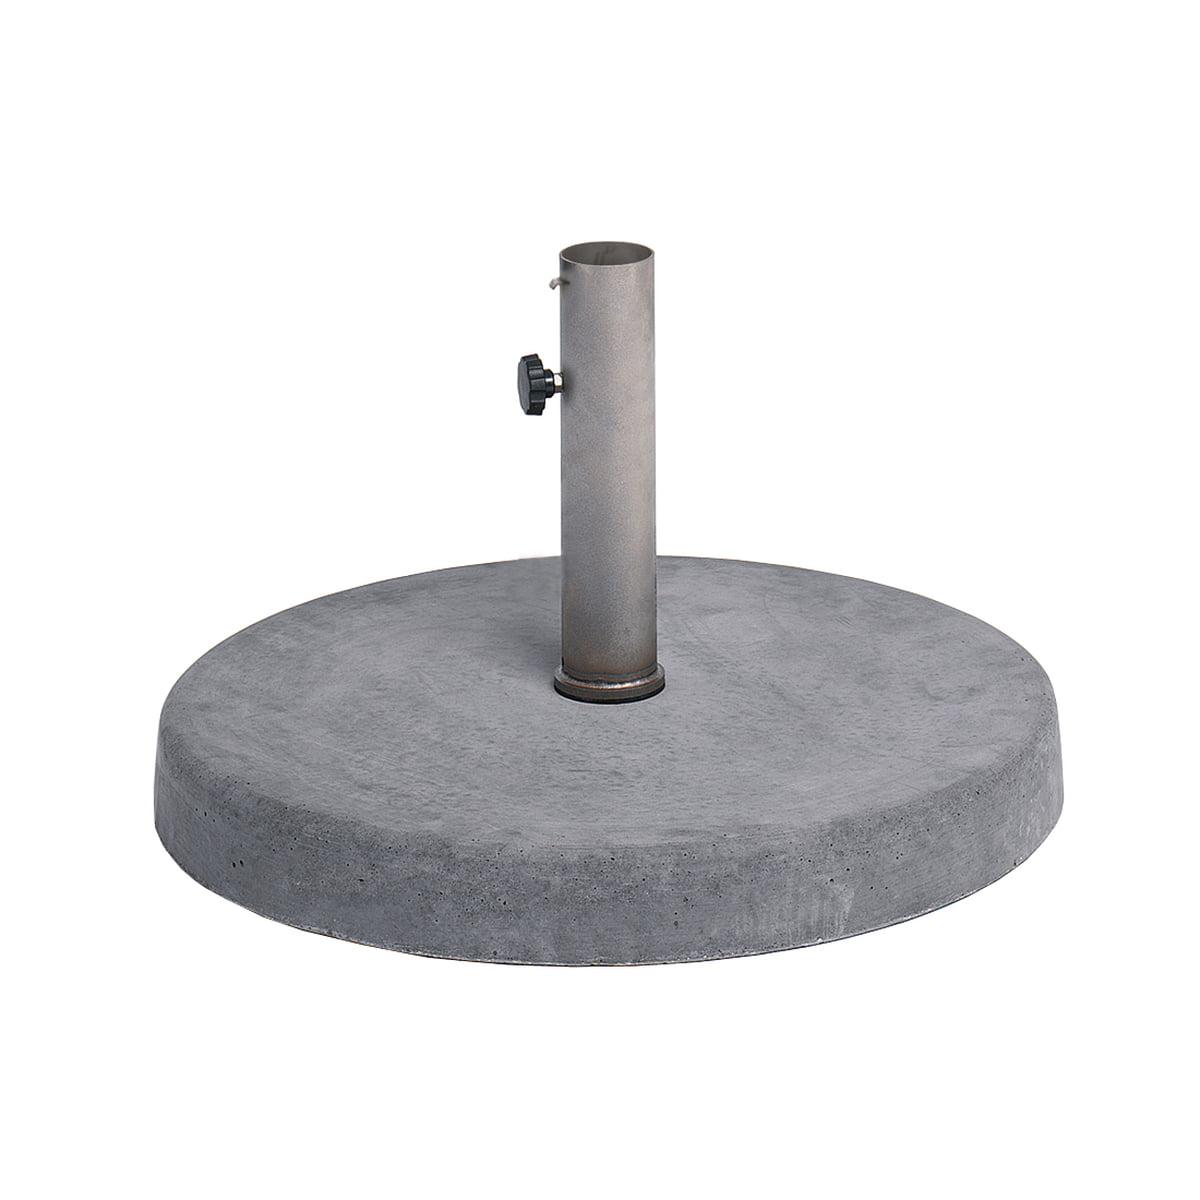 Weishäupl - Schirmständer Bodenplatte Beton (BP140030) | Garten > Sonnenschirme und Markisen > Sonnenschirmständer | Betongrau | Beton -  edelstahl | Weishäupl